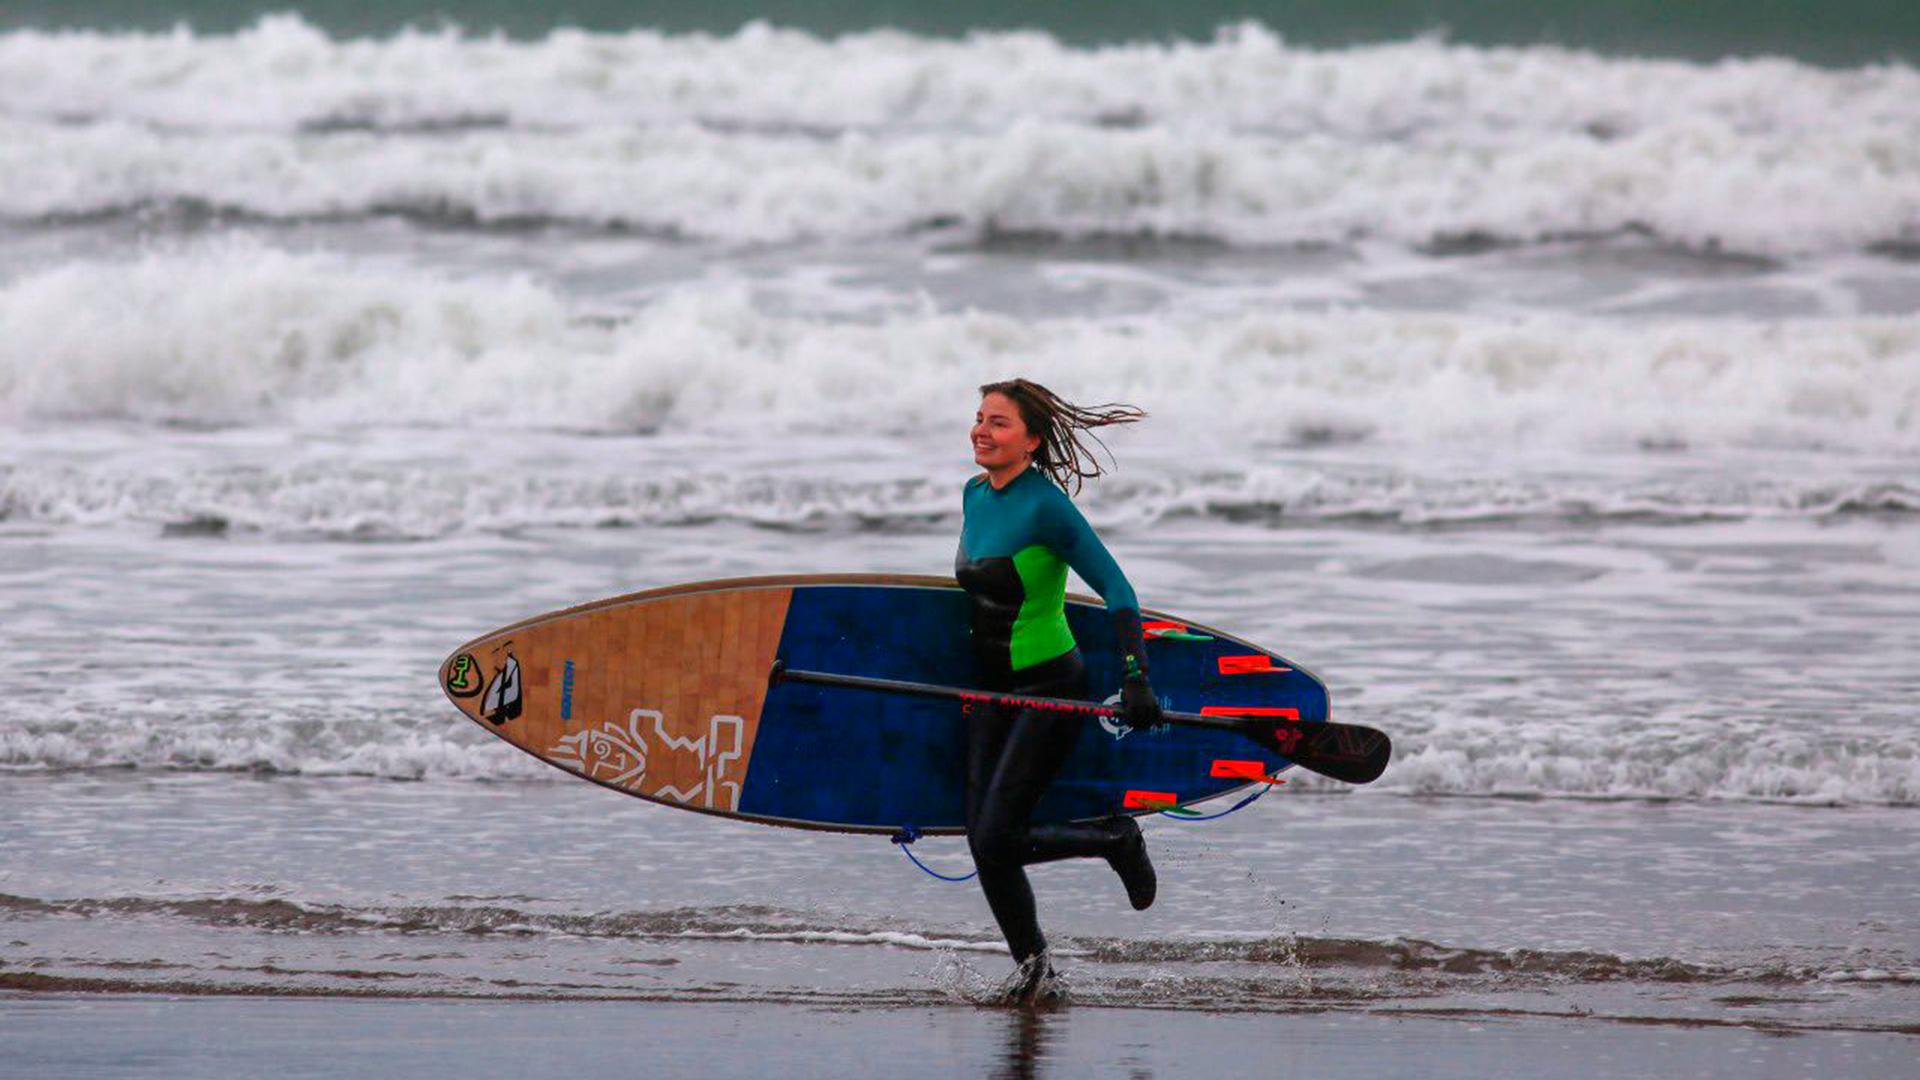 Una chica sale del agua con su equipo de padel surf. El mar se abrió para los que desafiaron las bajas temperaturas (@munimardelplata)